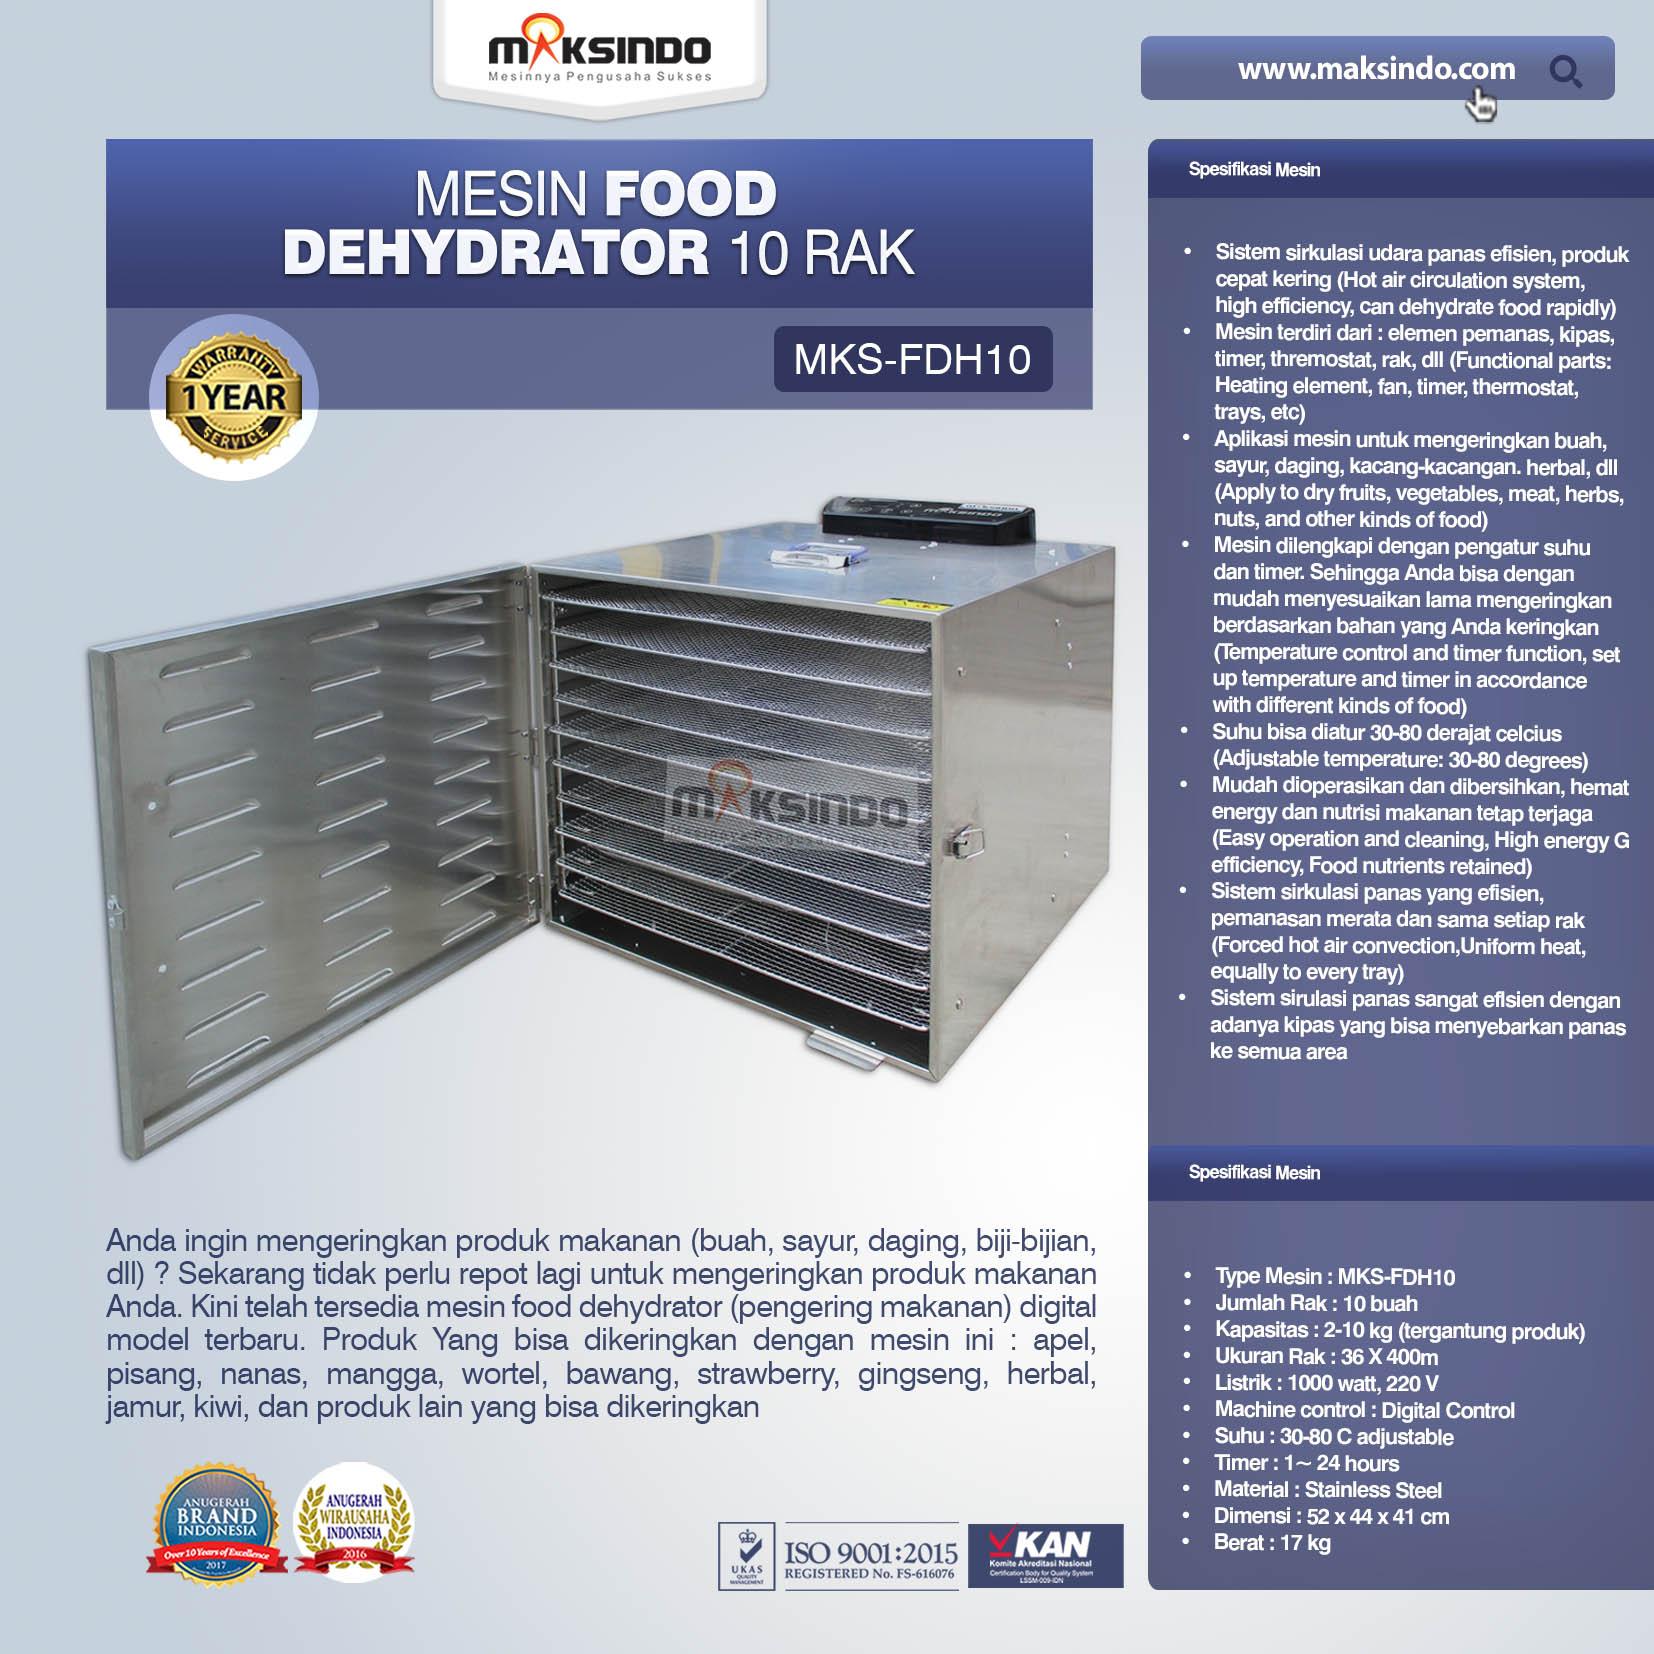 Jual Mesin Food Dehydrator 10 Rak (FDH10) di Bekasi